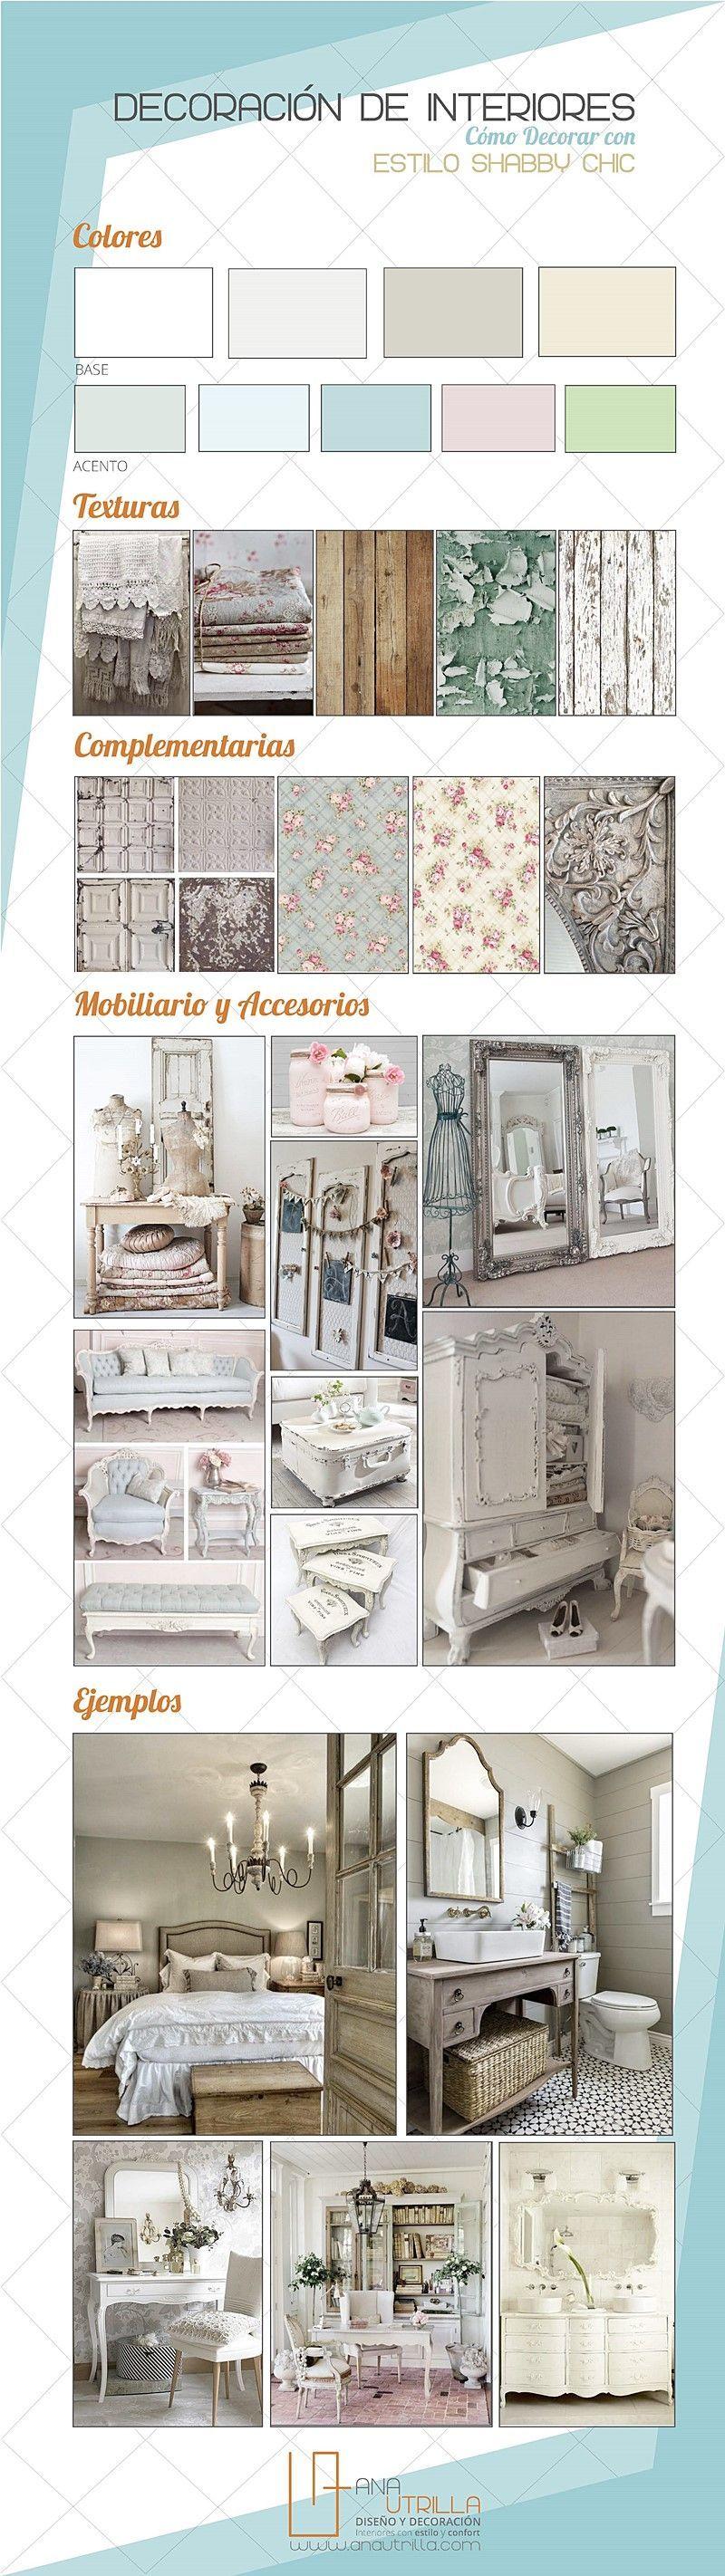 Infografía de cómo decorar con estilo shabby chic cualquier espacio de casa por Ana Utrilla Diseño de Interiores Online